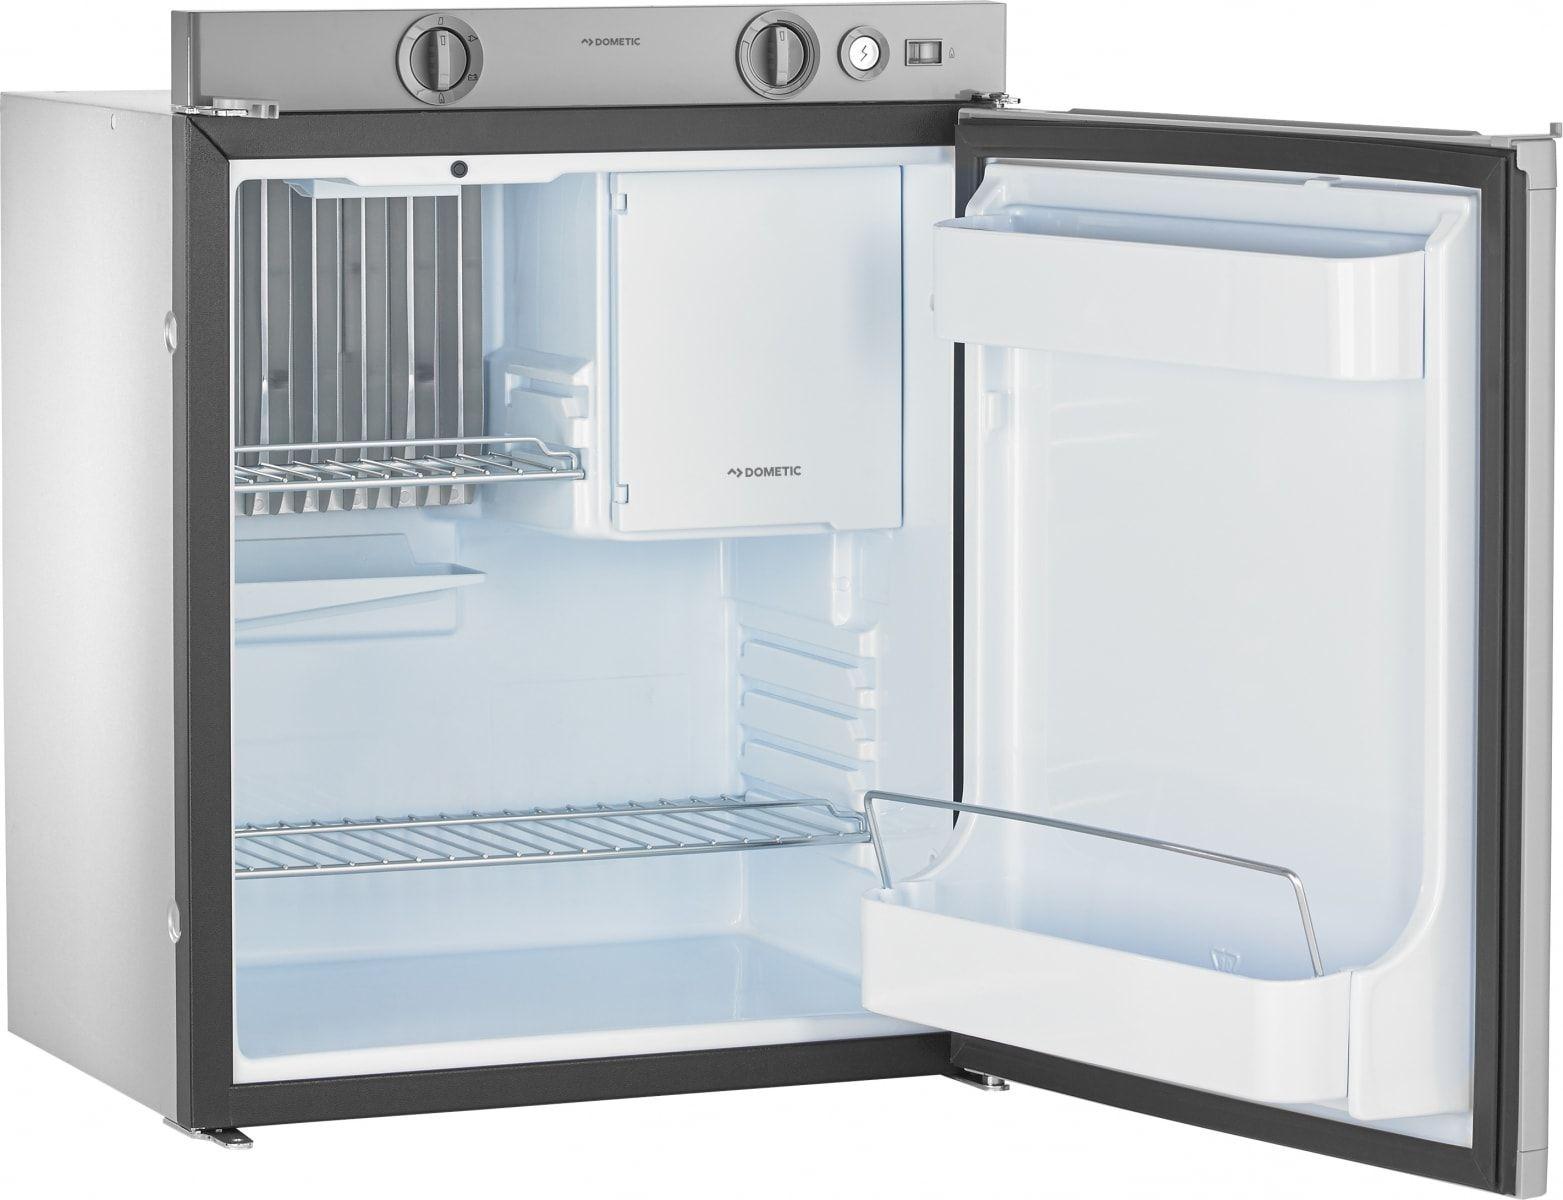 Kühlschrank Outdoor : Kühlschrank rm campingküche